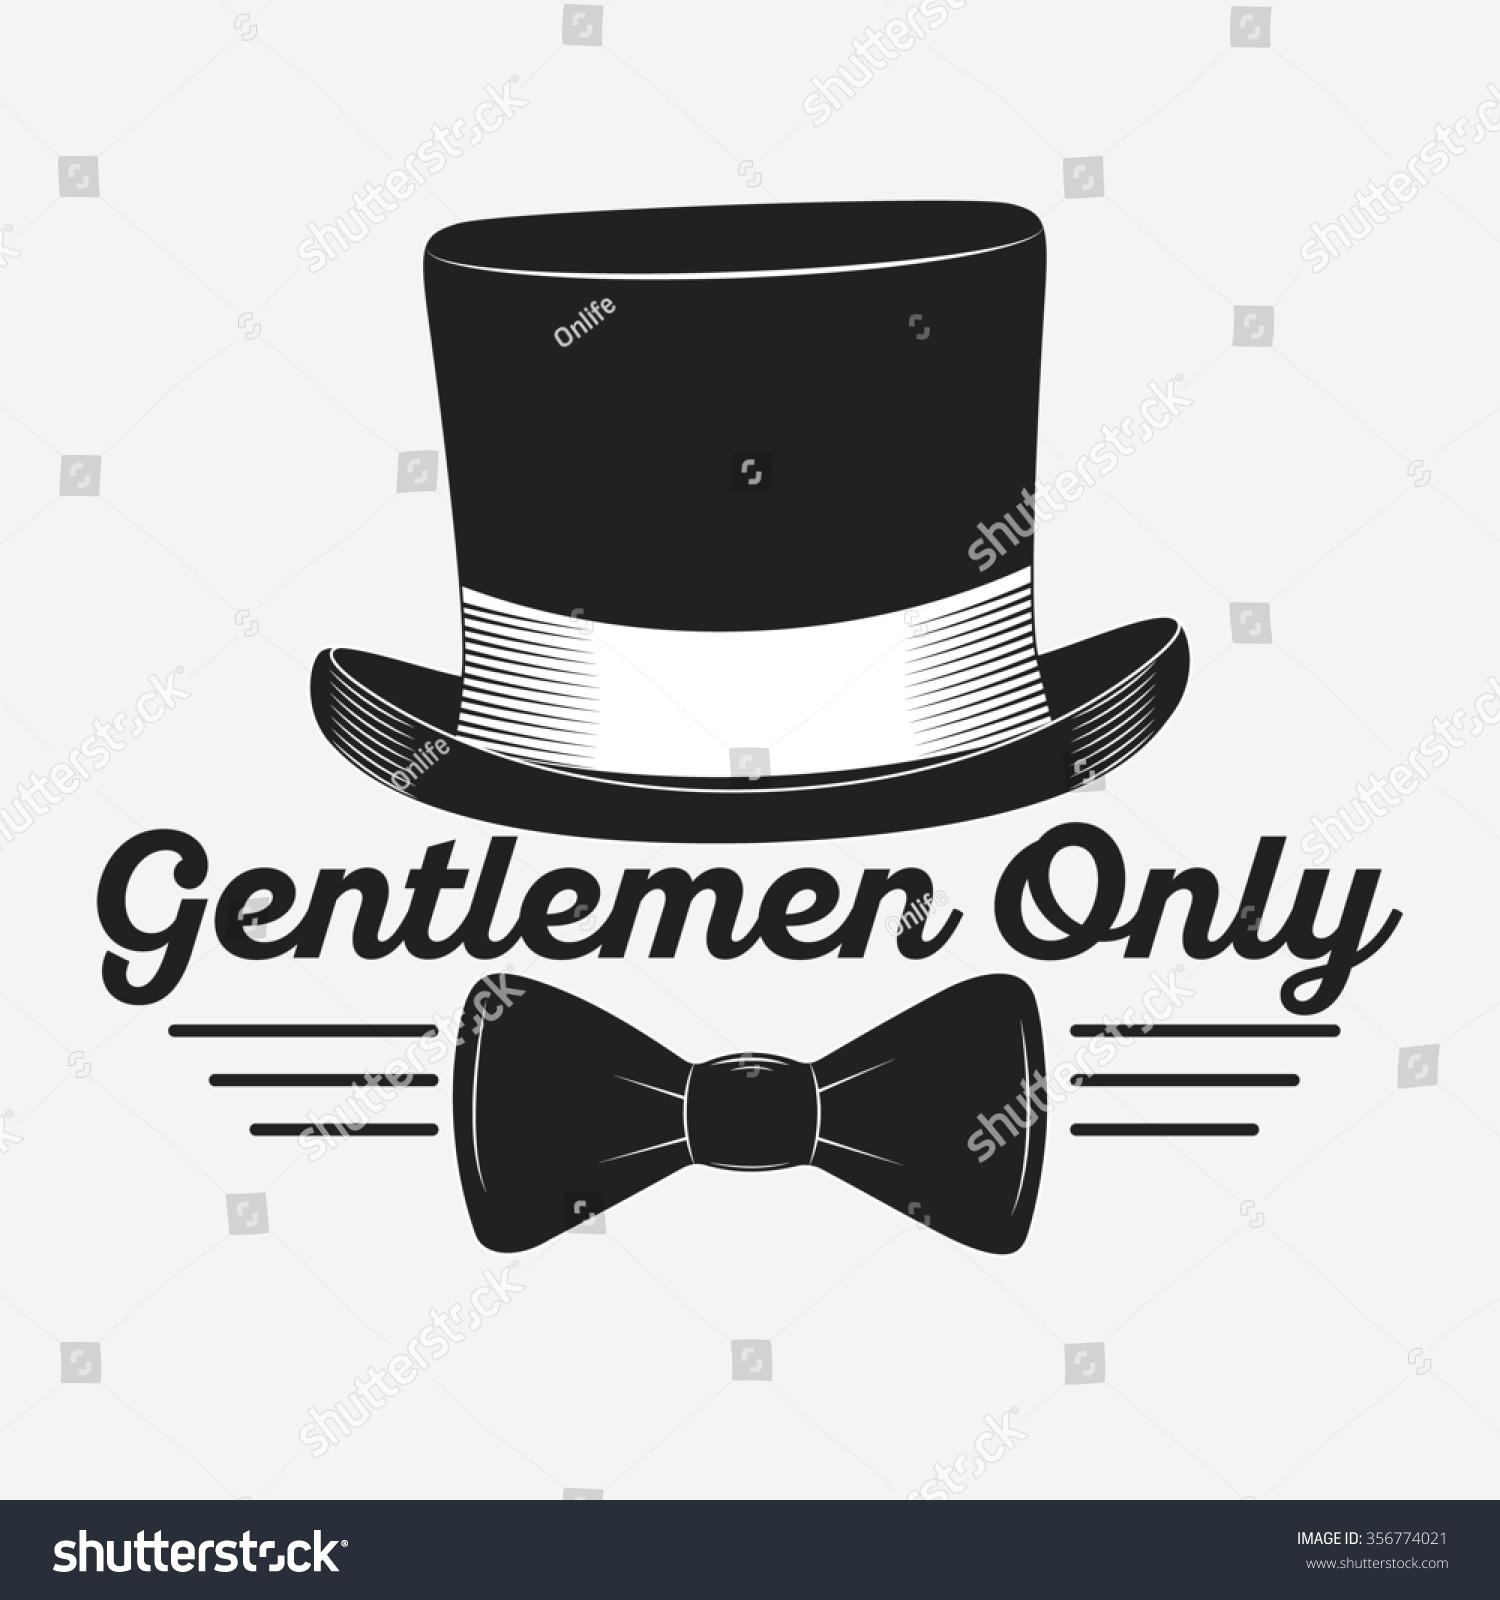 vintage gentlemen club logo gentlemen label stock illustration 356774021 shutterstock. Black Bedroom Furniture Sets. Home Design Ideas